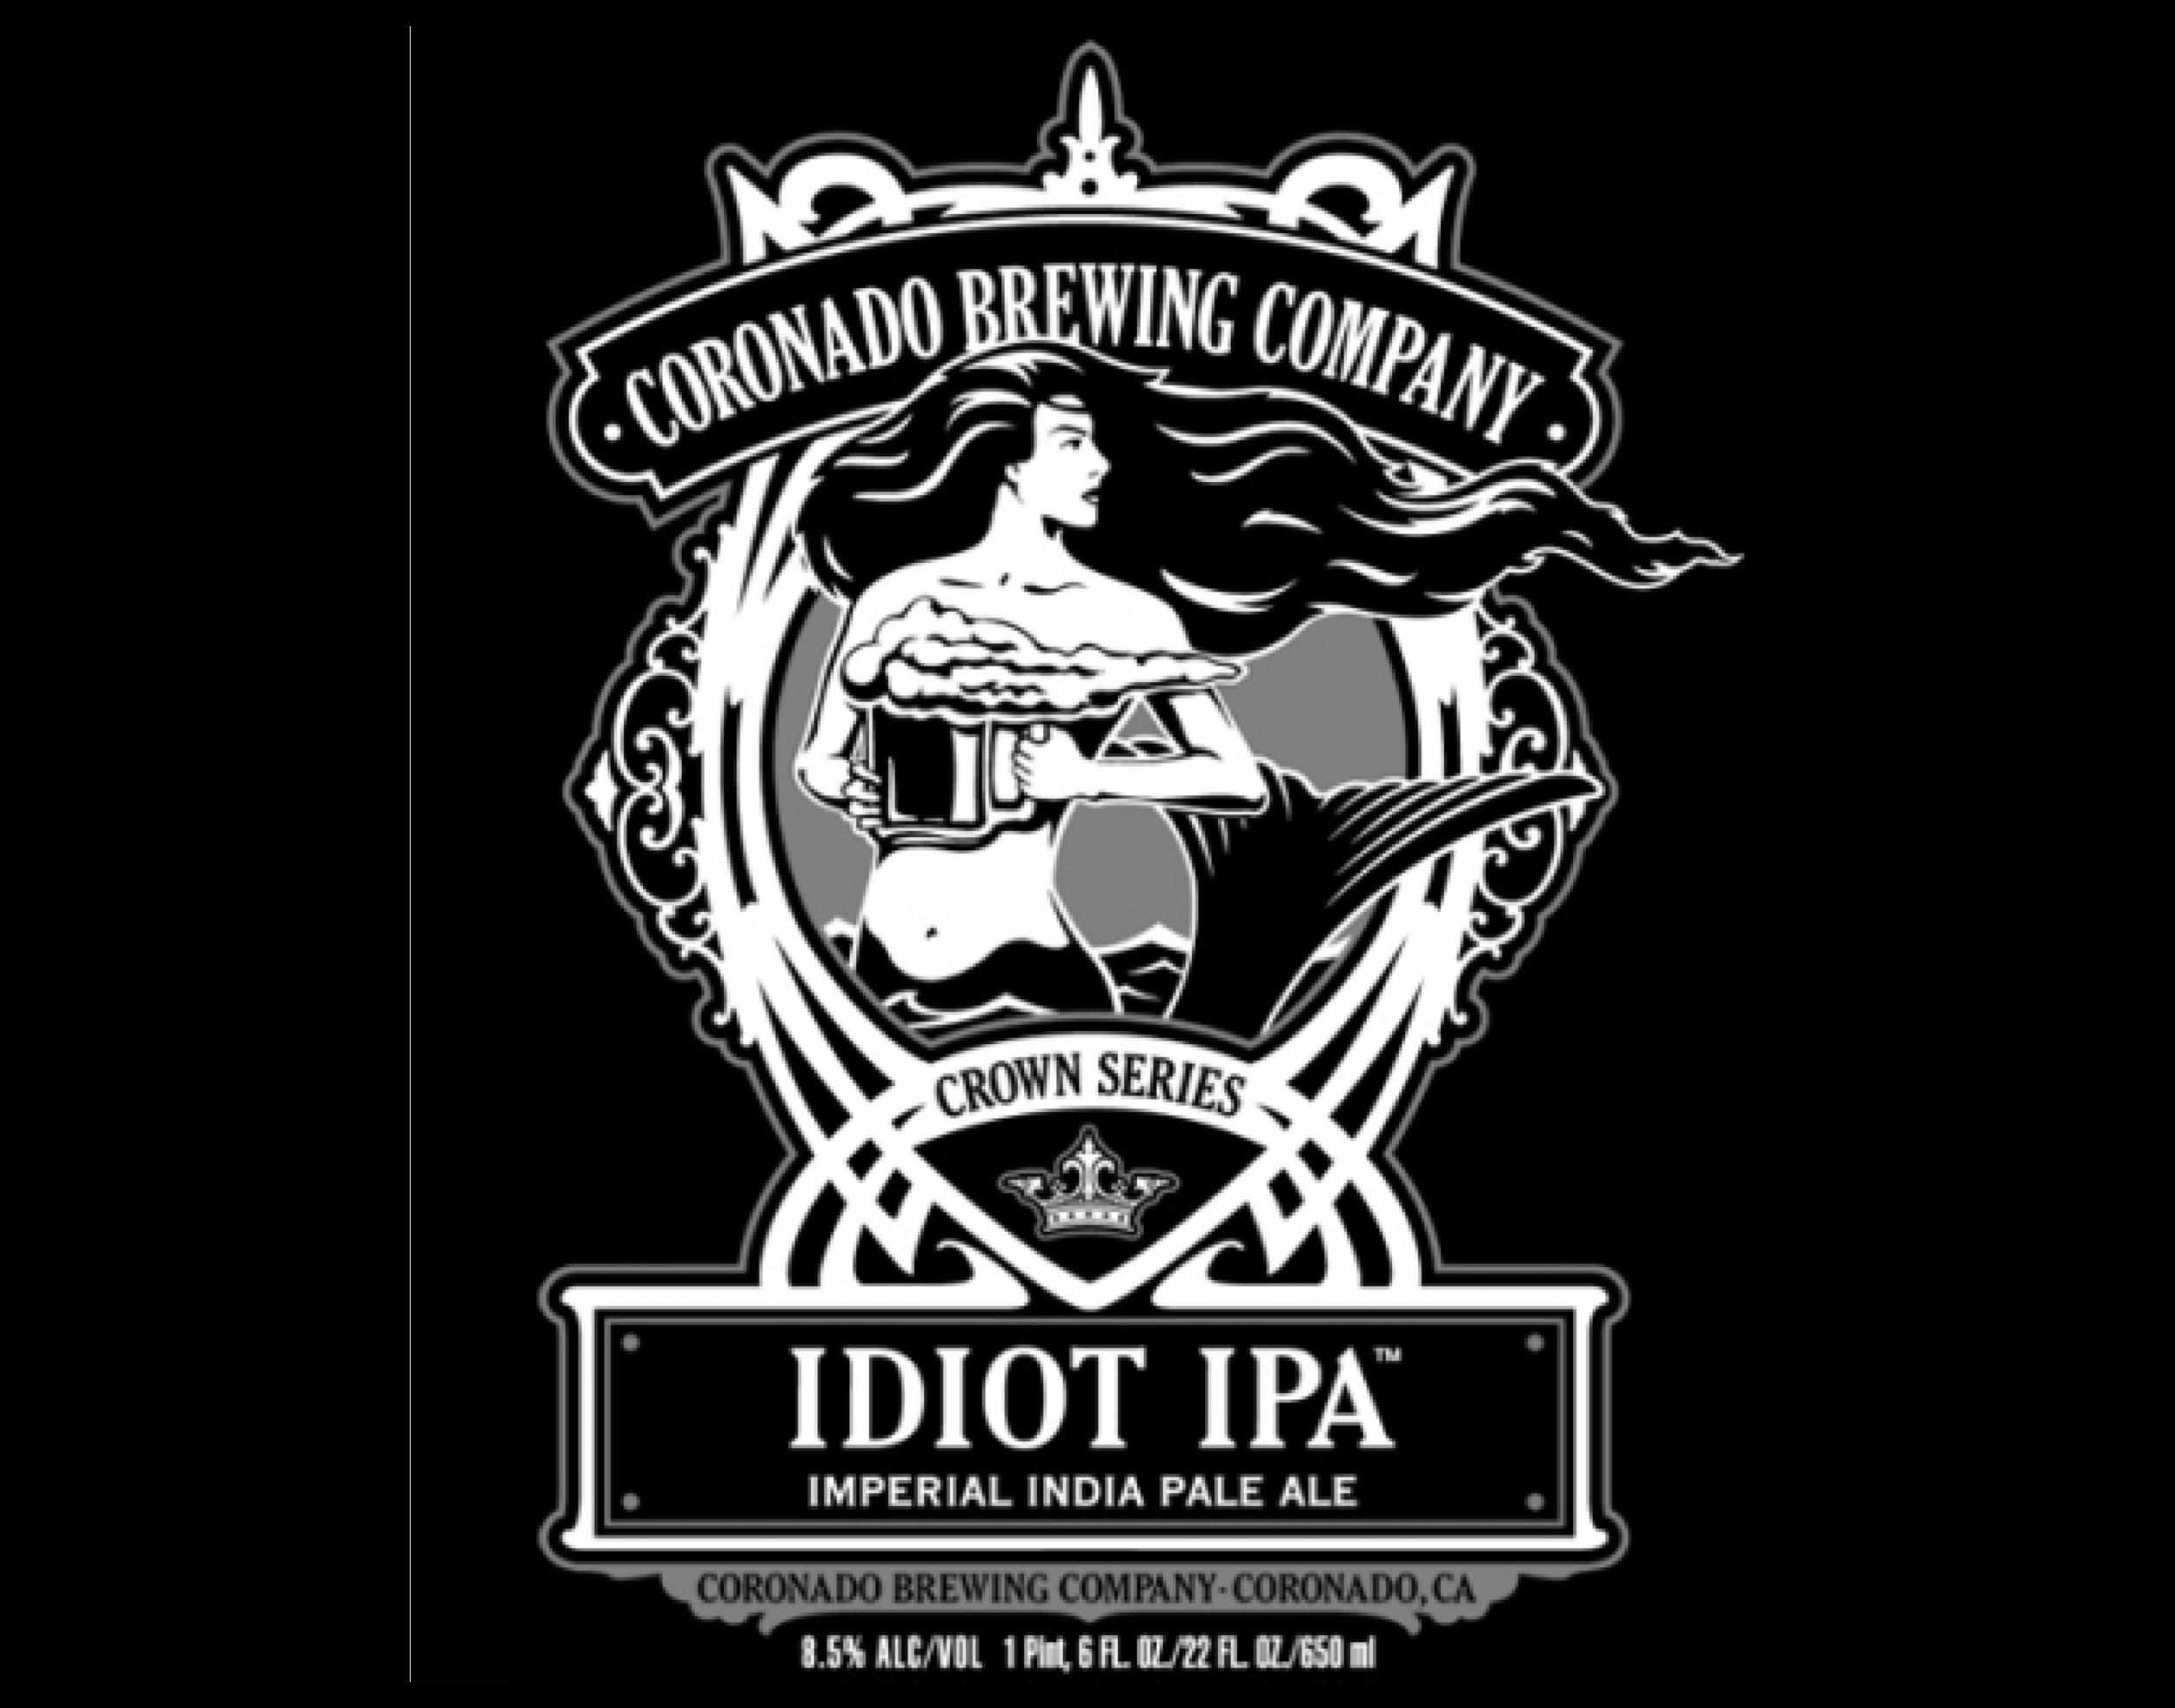 IDIOT IPA-01.png